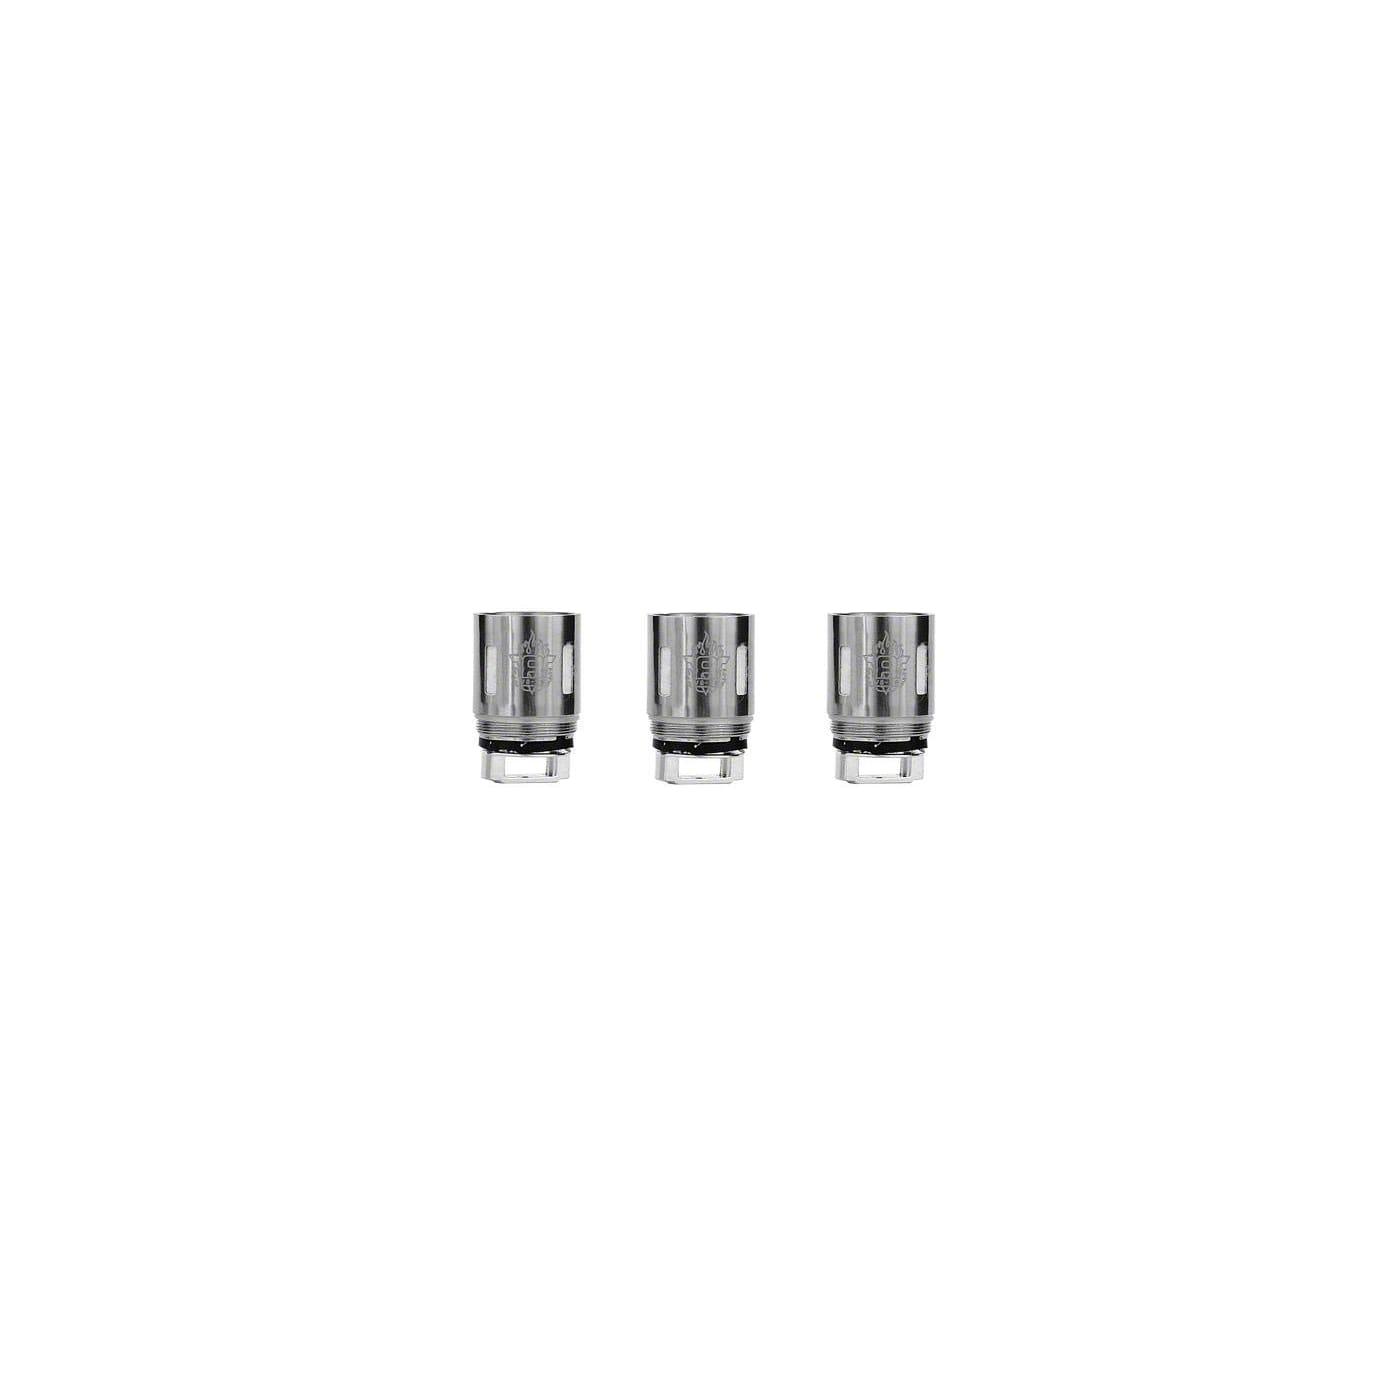 Smok V8-T6 Coils - 3 Pack